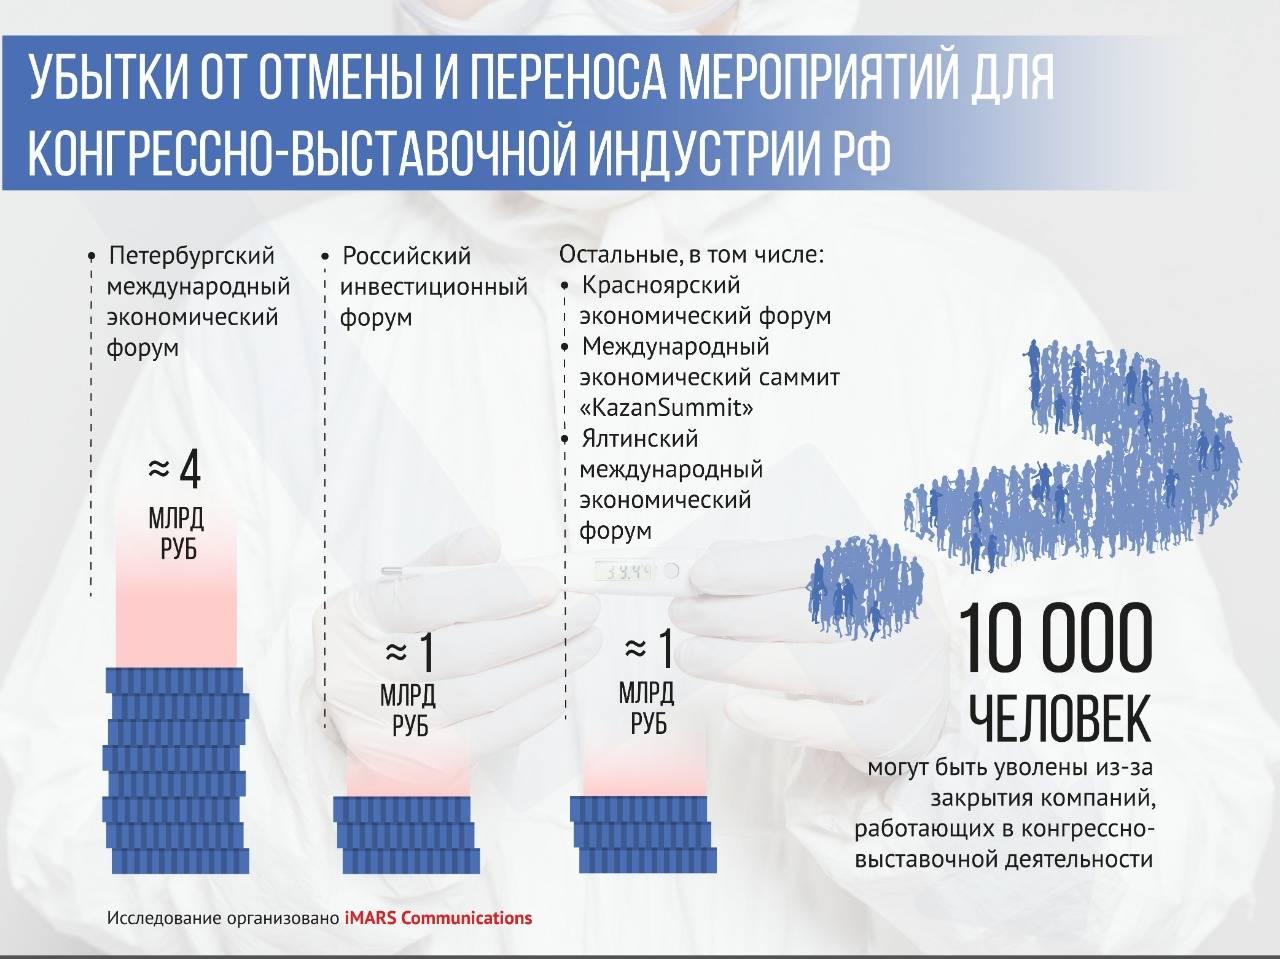 Сфера конгрессно-выставочной деятельности потеряет около 6 млрд рублей